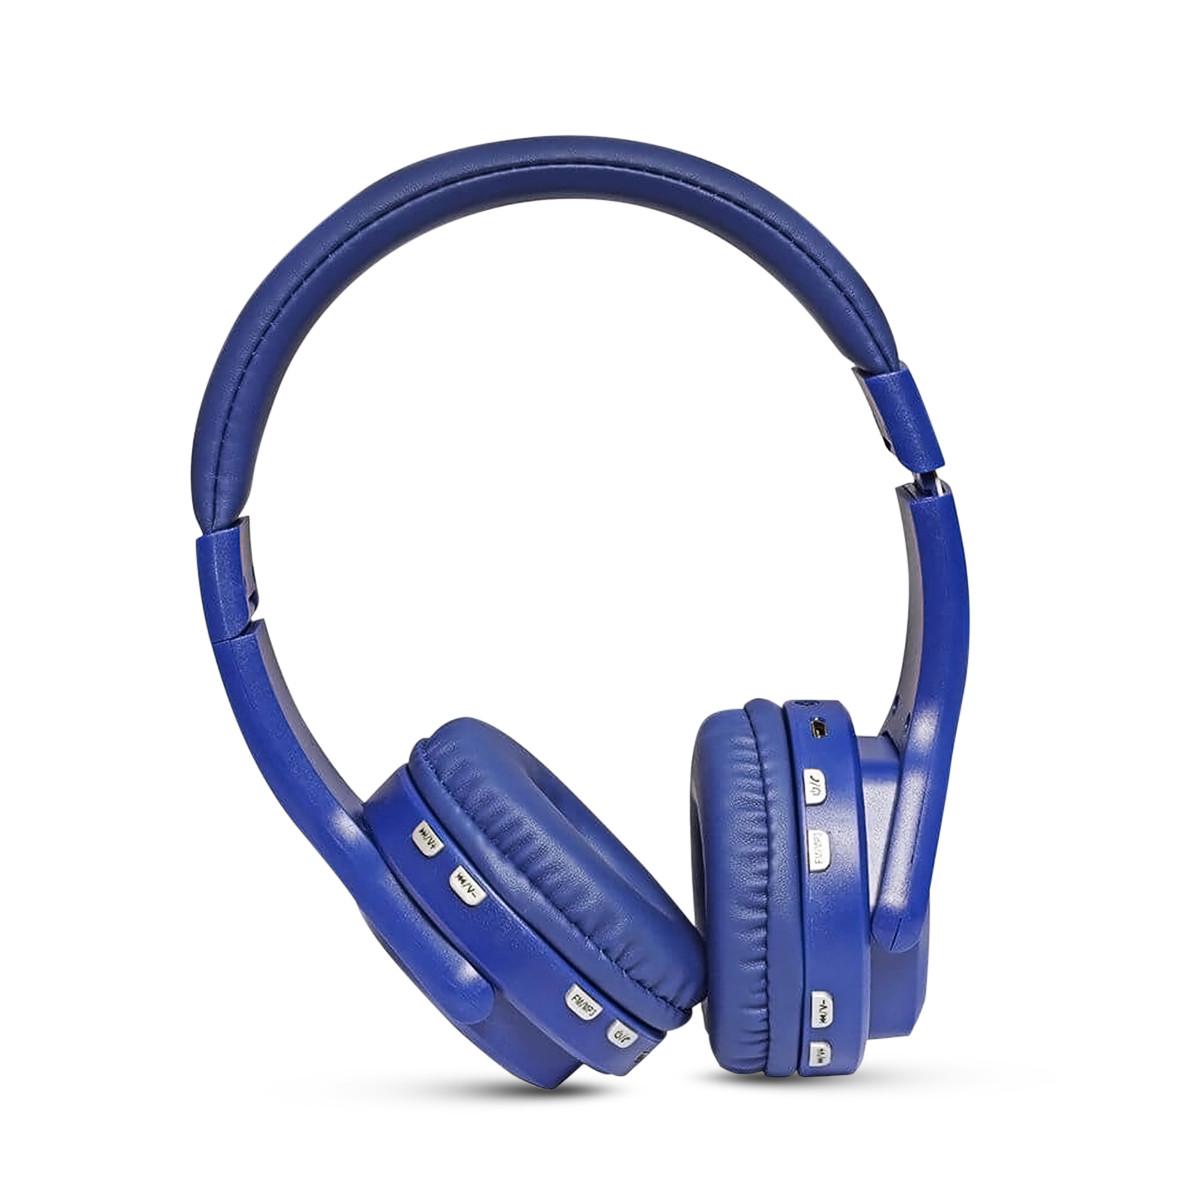 Наушники Bluetooth KARLER 004, беспроводные большие накладные наушники, стерео гарнитура, синий